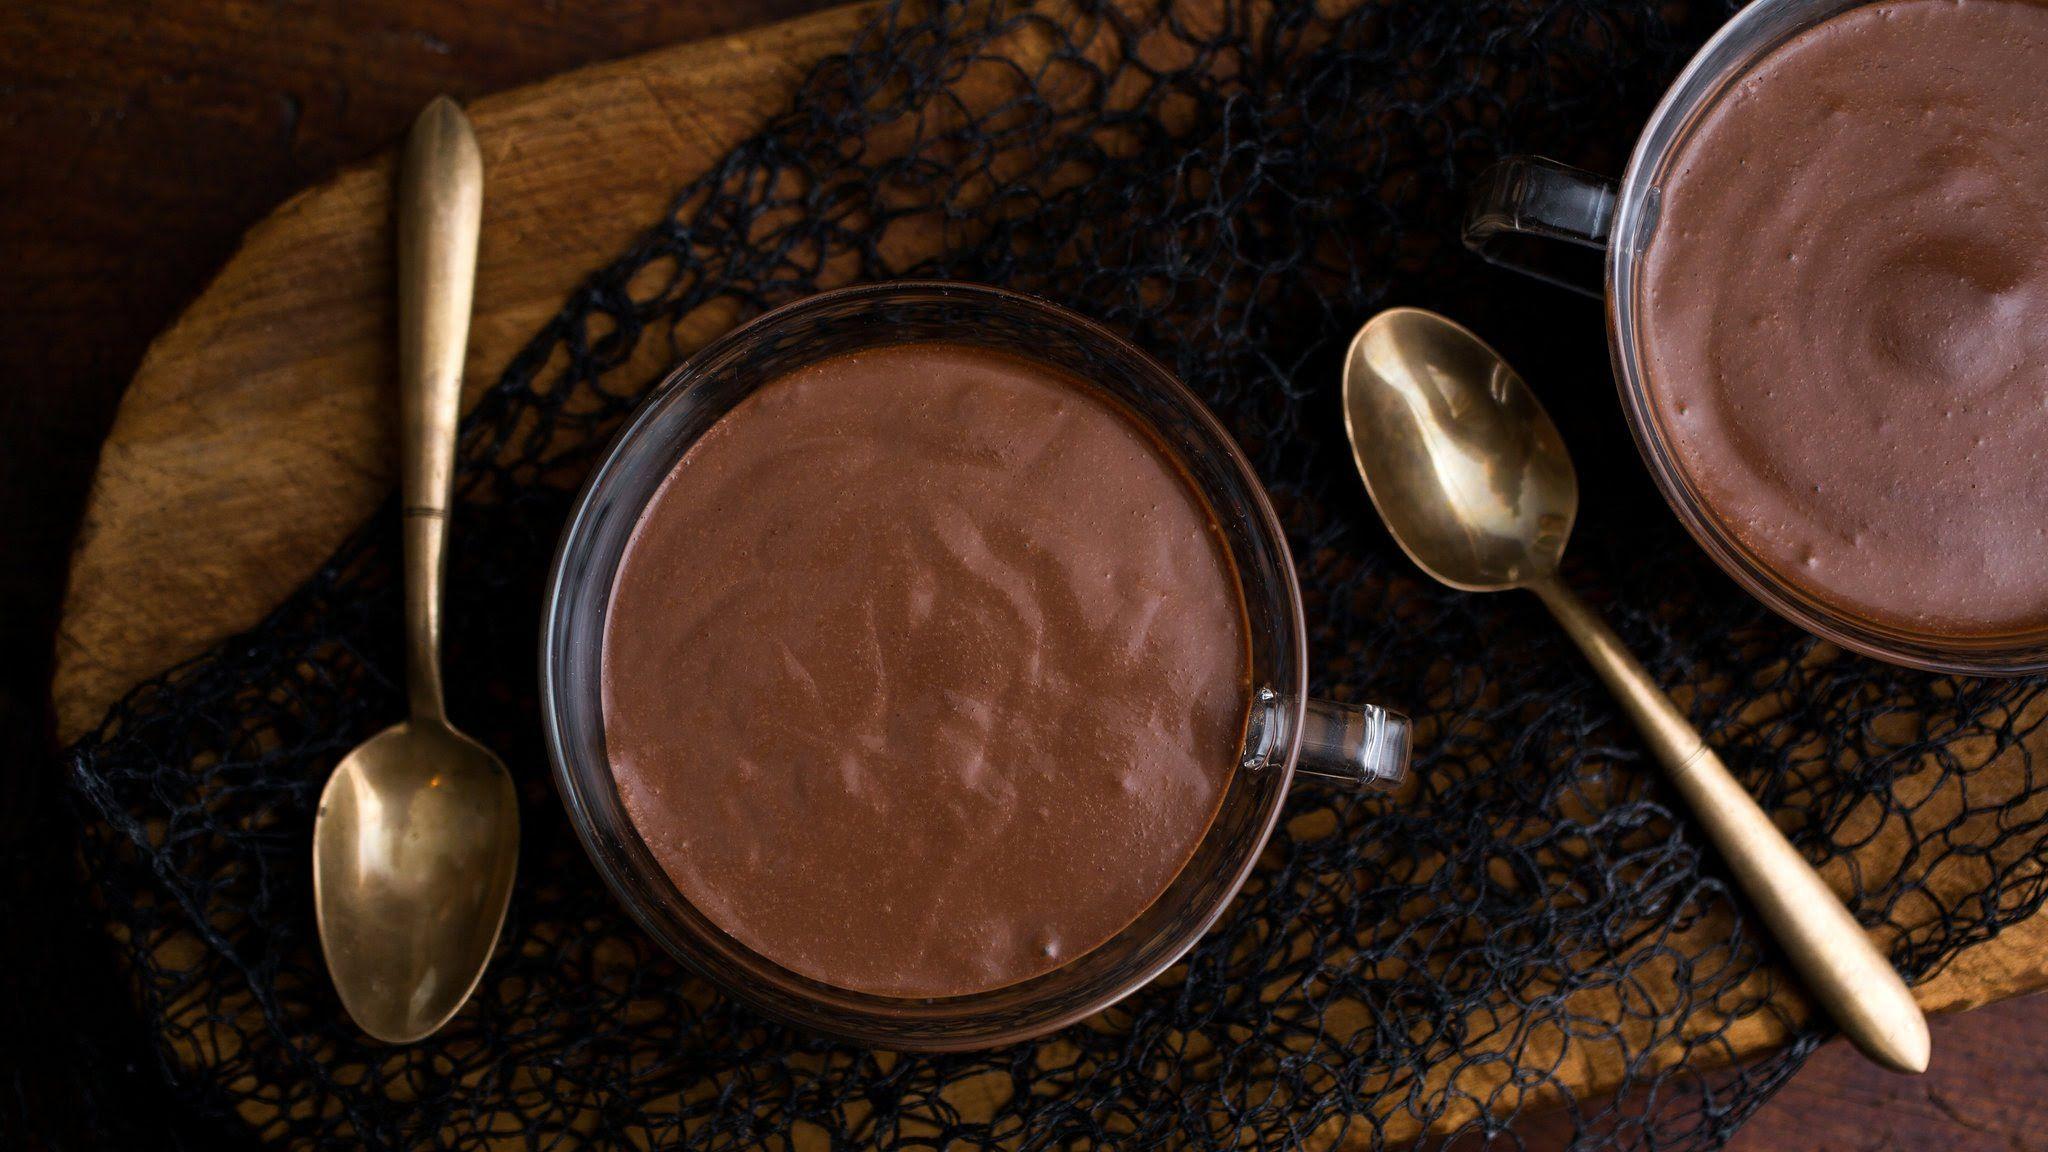 """""""Chocolade Pudding Recept"""" """"Overheerlijke Chocola Desserts Recepten""""   https://www.youtube.com/user/MaharajaXpress"""